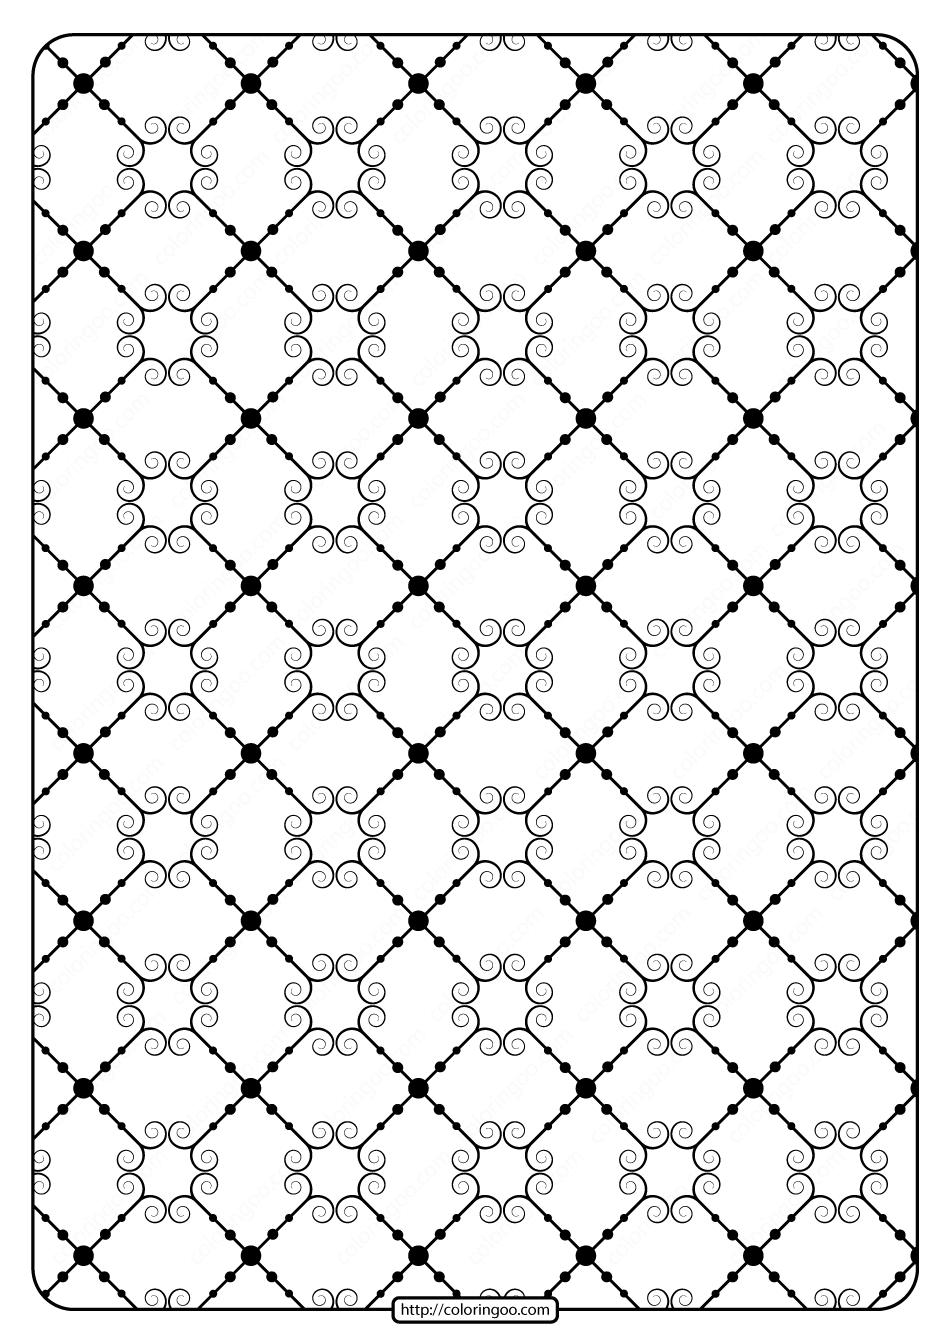 Printable Geometric Pattern Pdf Coloring Page 024